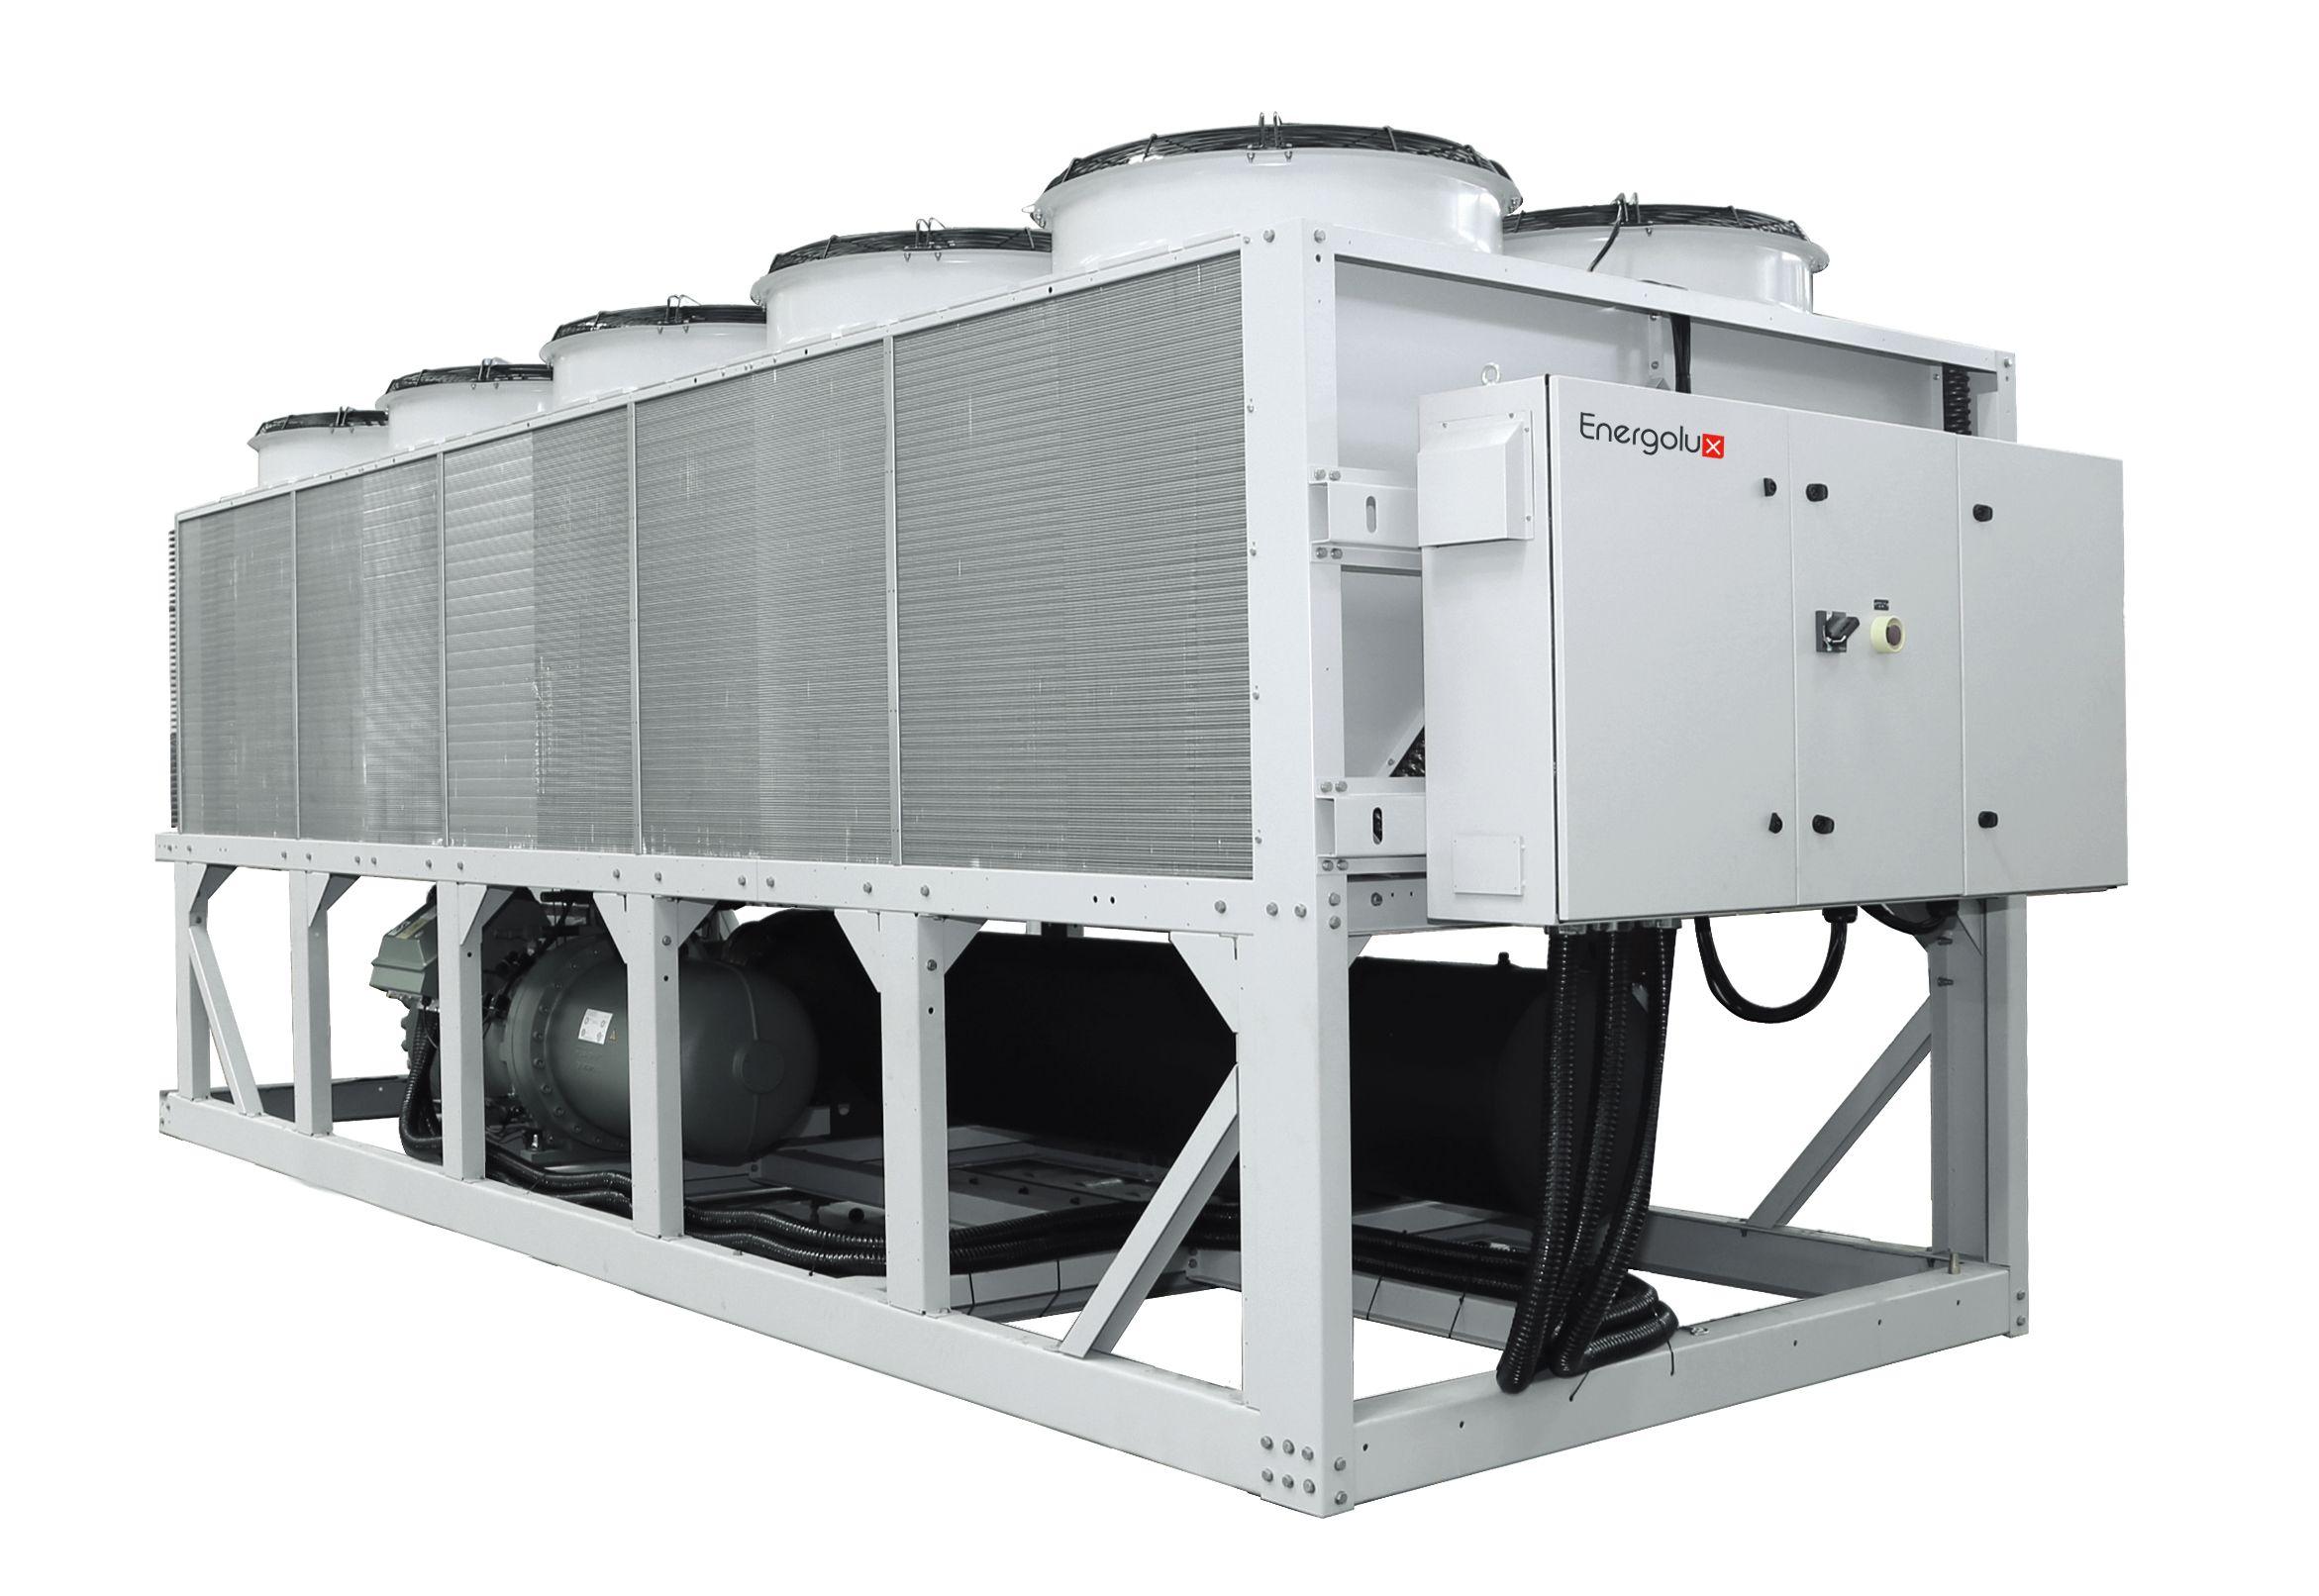 Energolux SCAW-T 2920 V